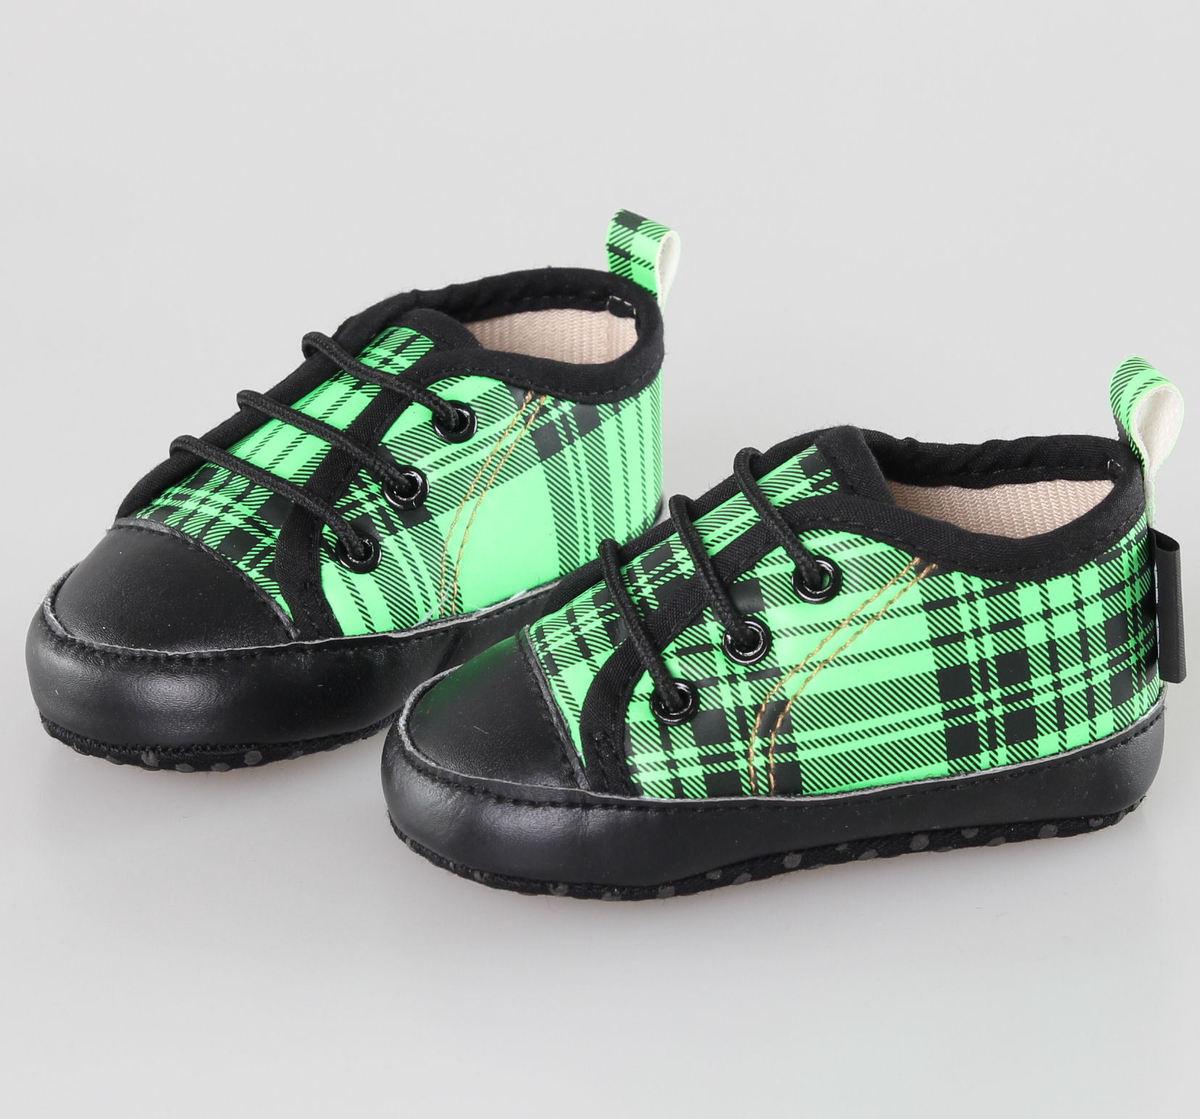 boty dětské LITTLE DIAMOND - Black/Green - 59137-011 - MBM